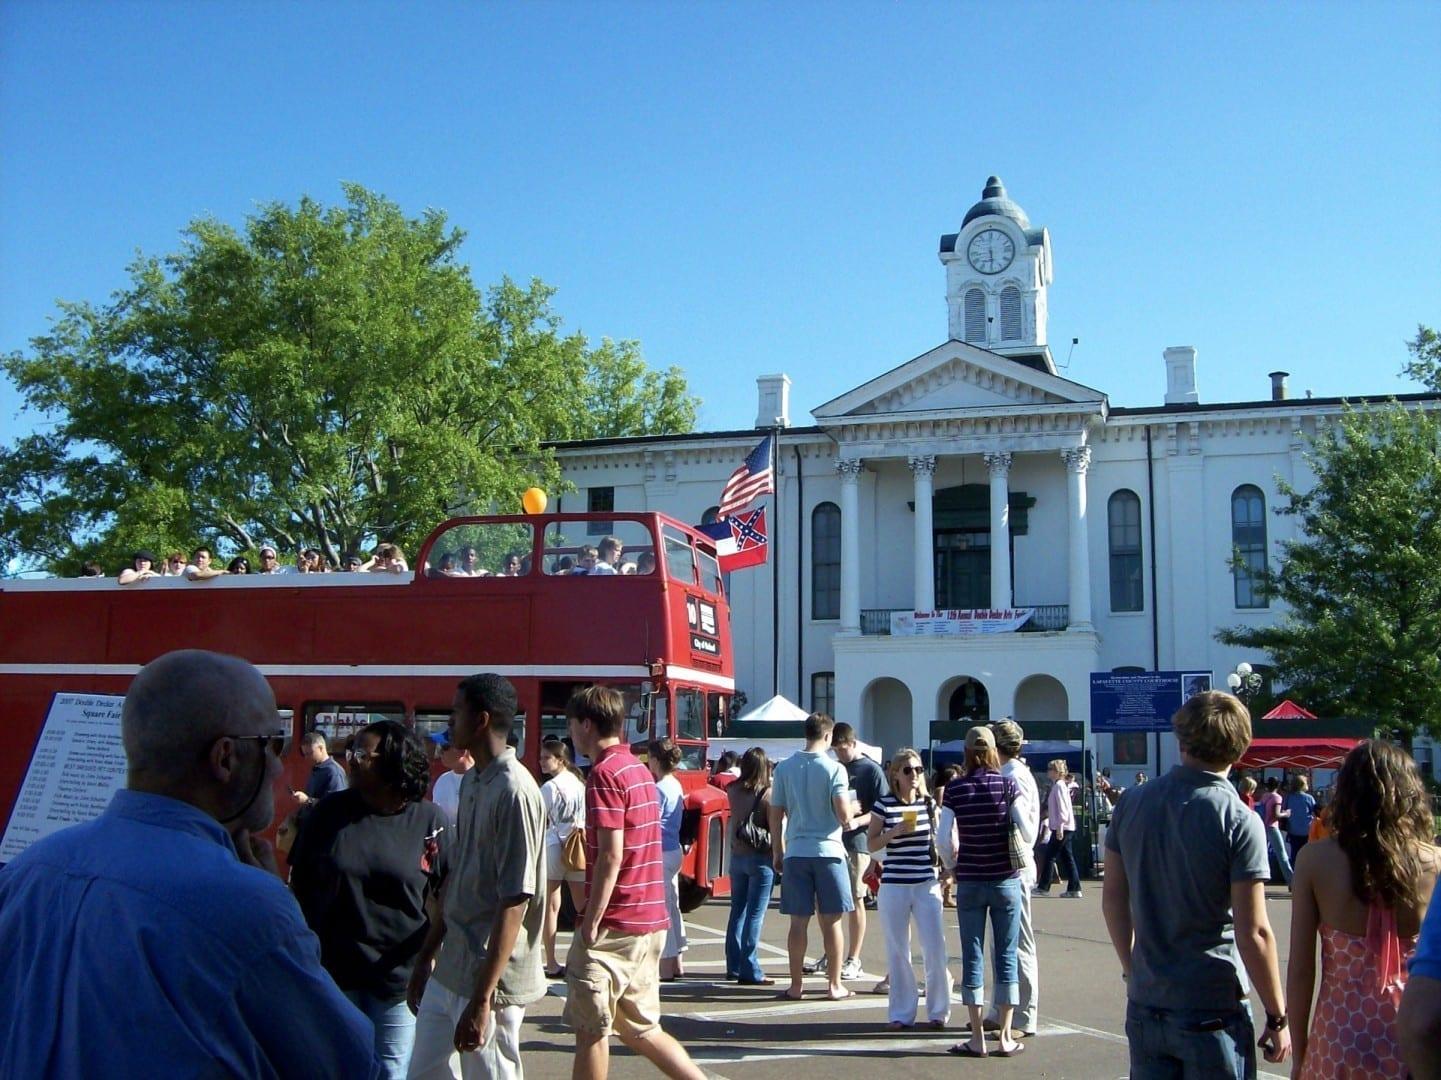 El juzgado de Lafayette durante el Festival de Doble Piso Oxford MS Estados Unidos